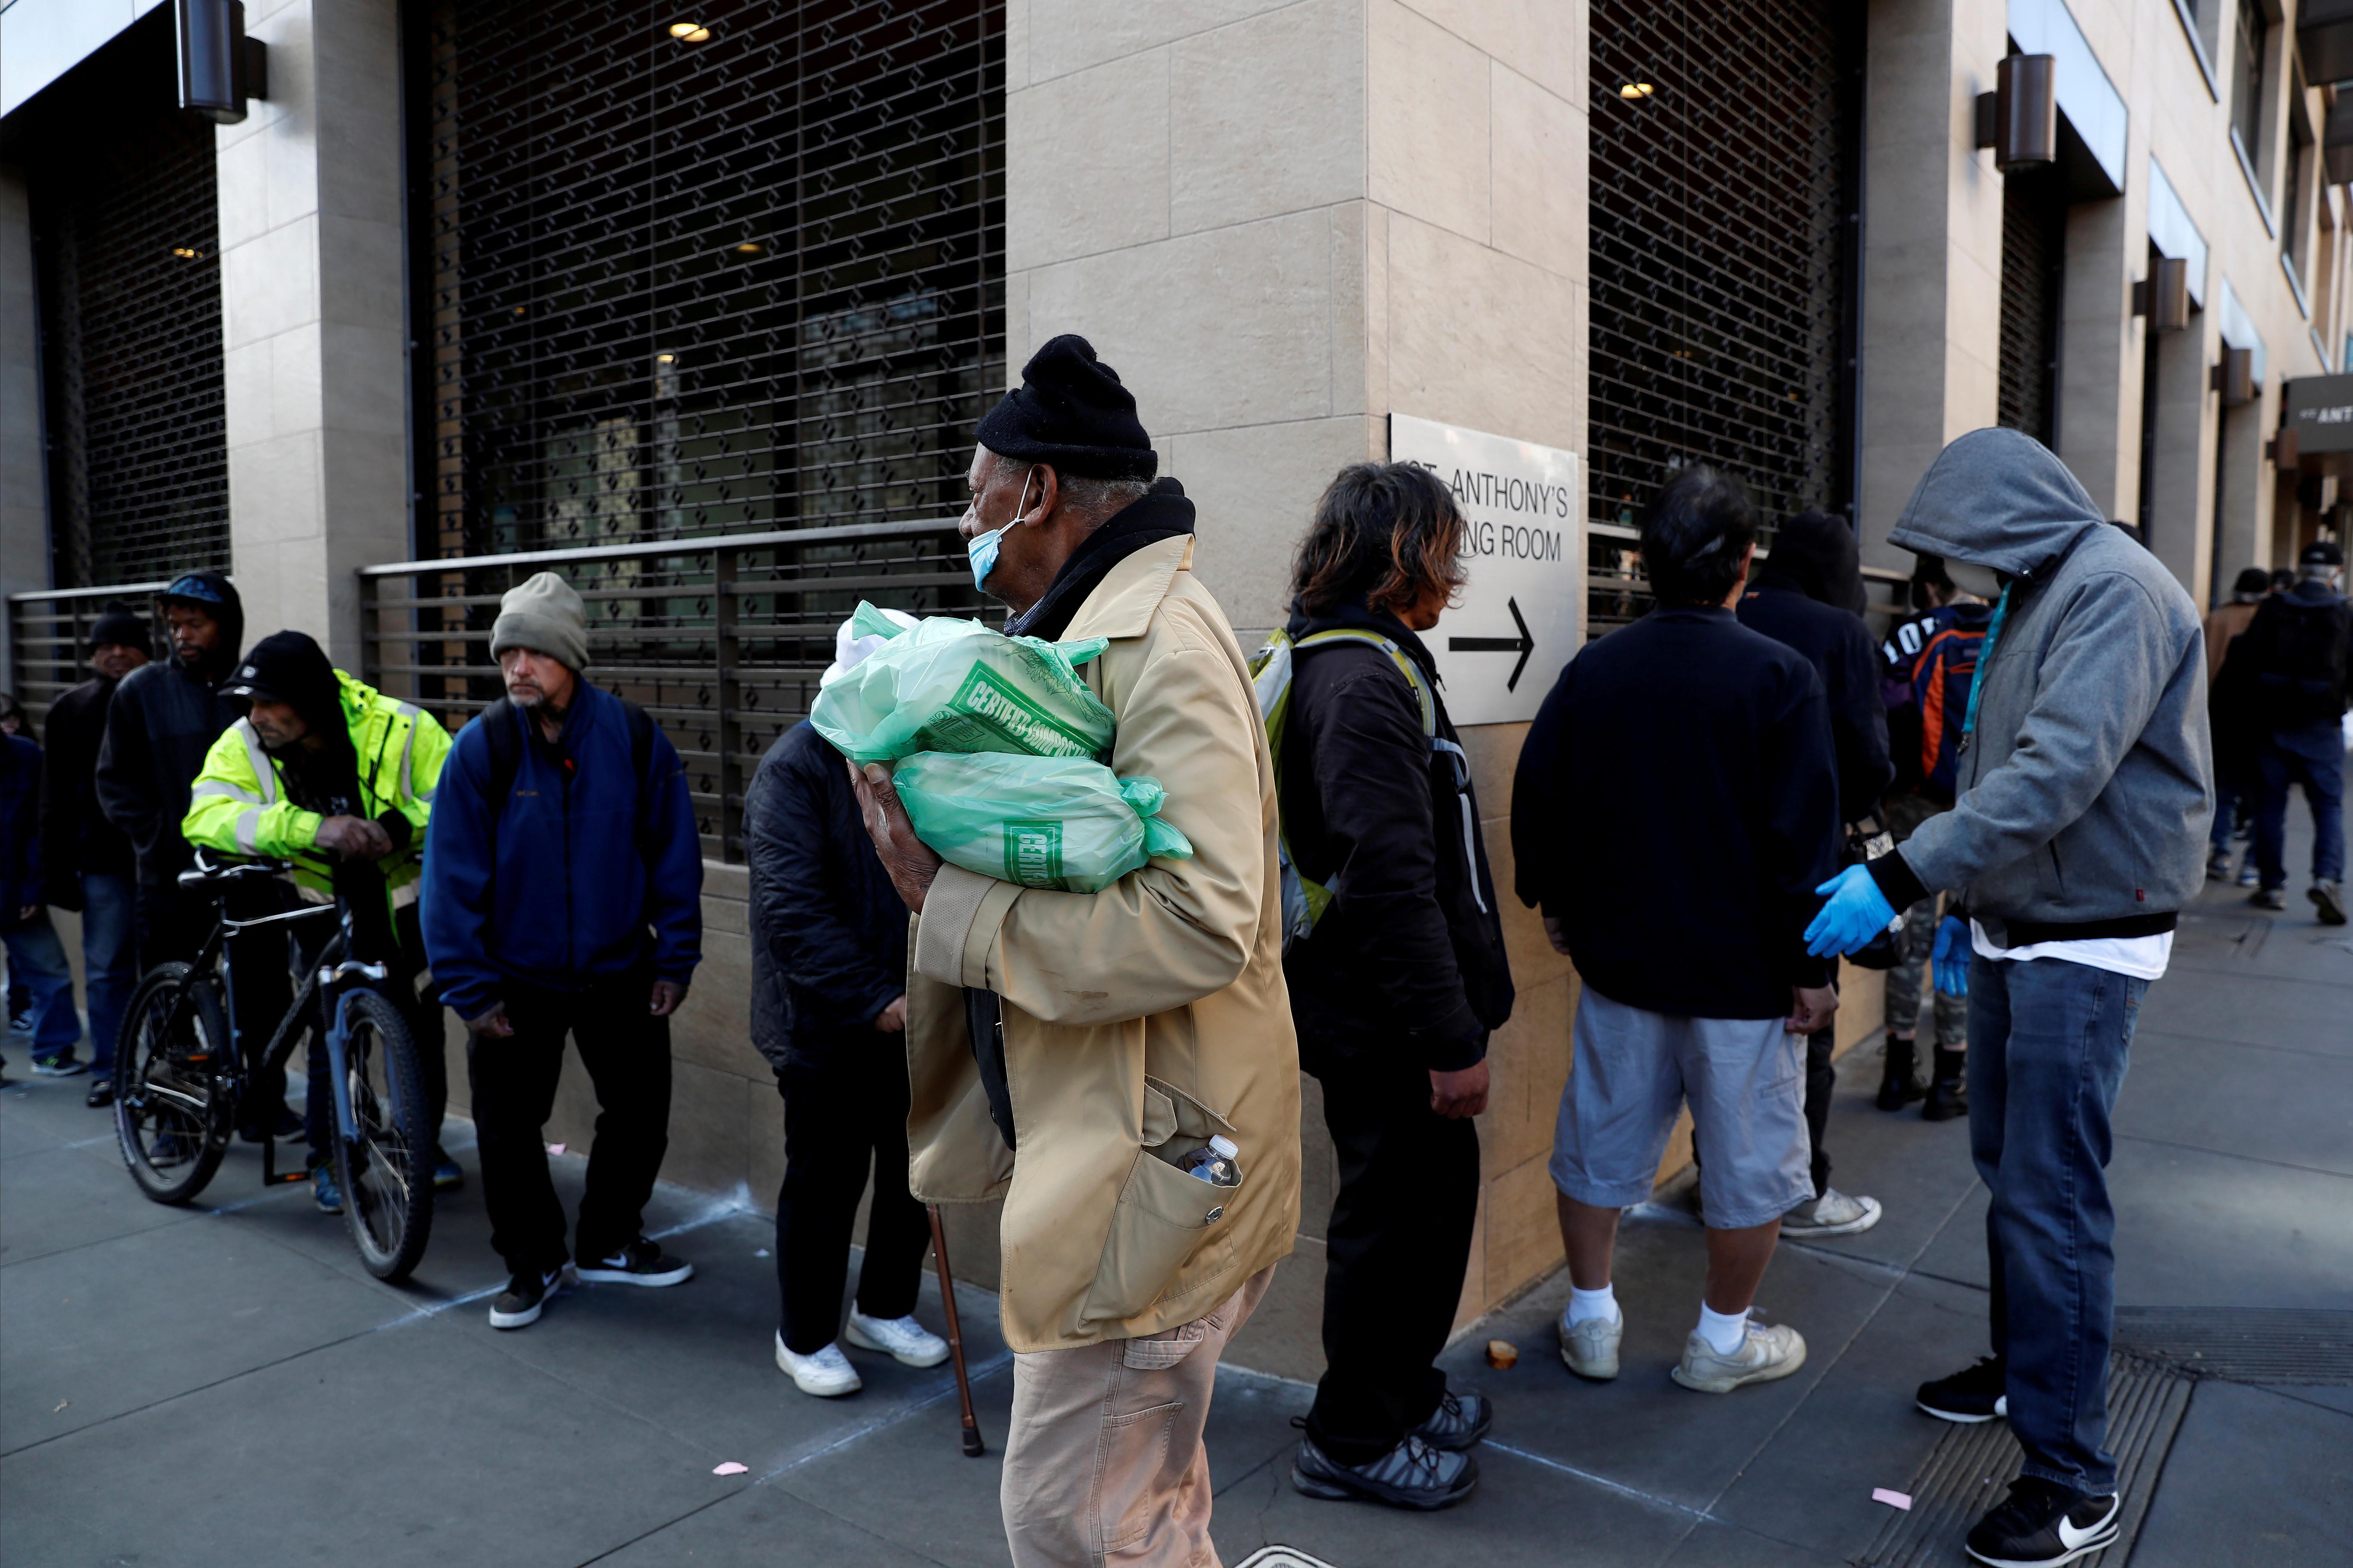 Le coronavirus force San Francisco à placer les sans-abri dans les hôtels